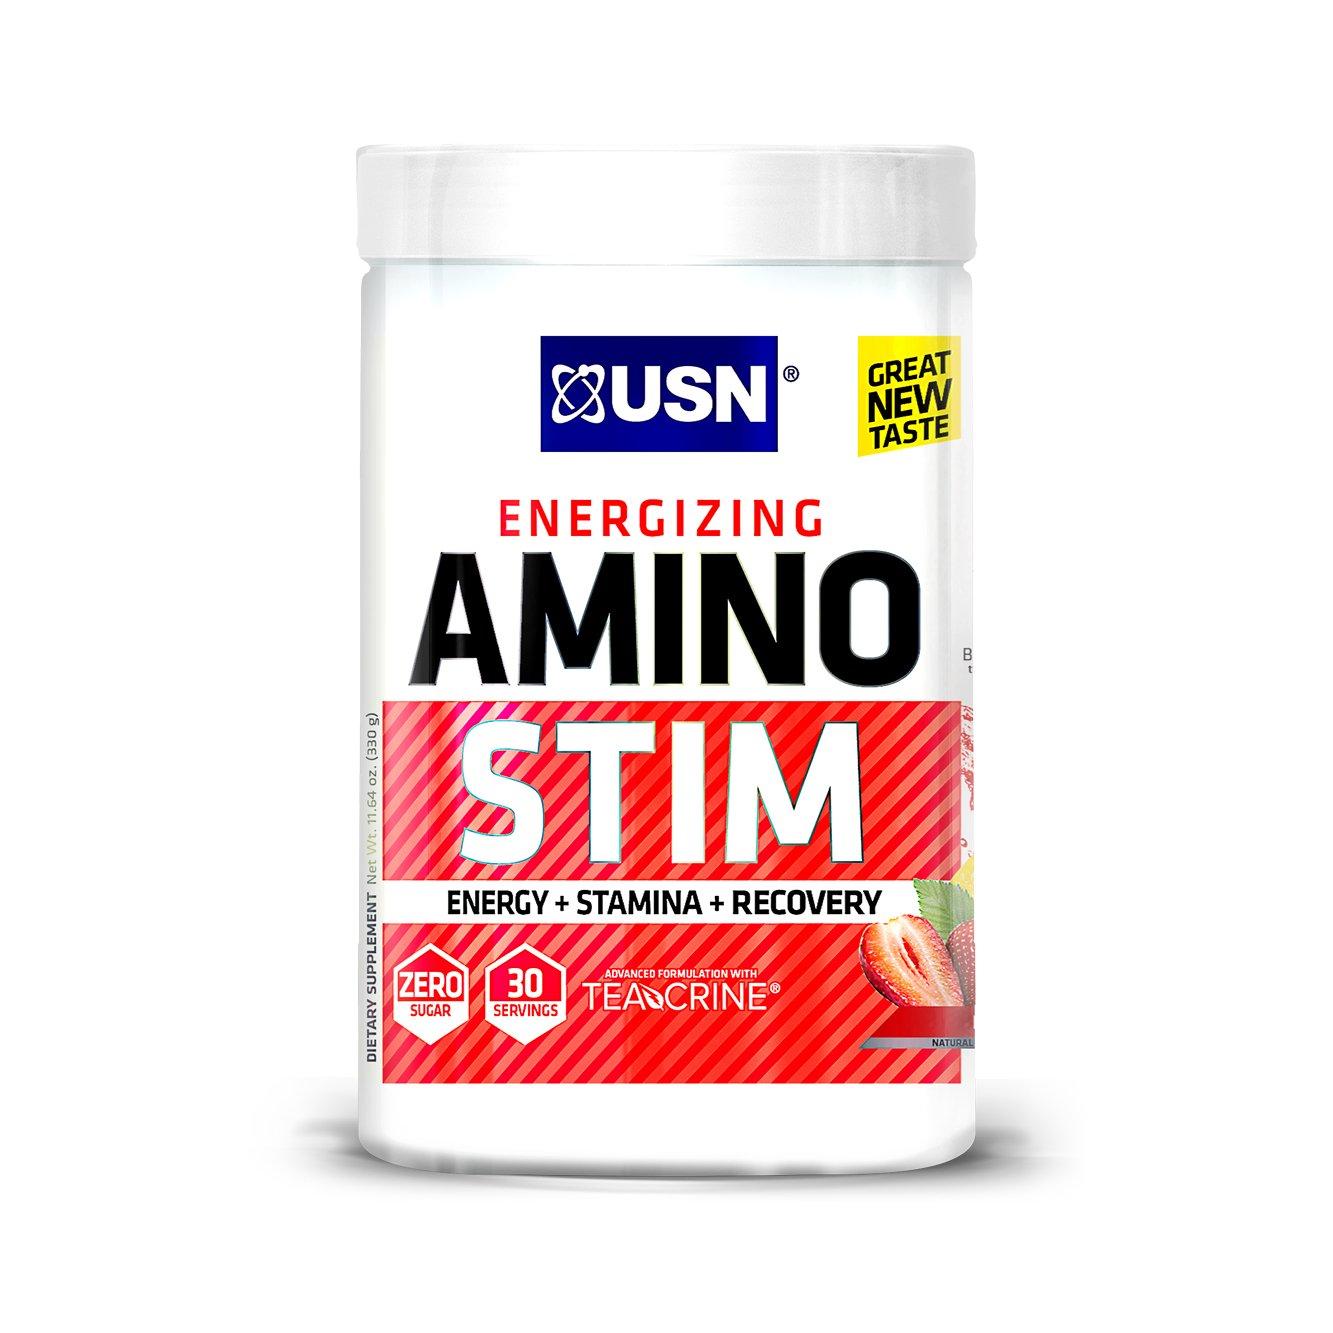 Amazon Com Usn Energizing Amino Stim Pineapple Mango